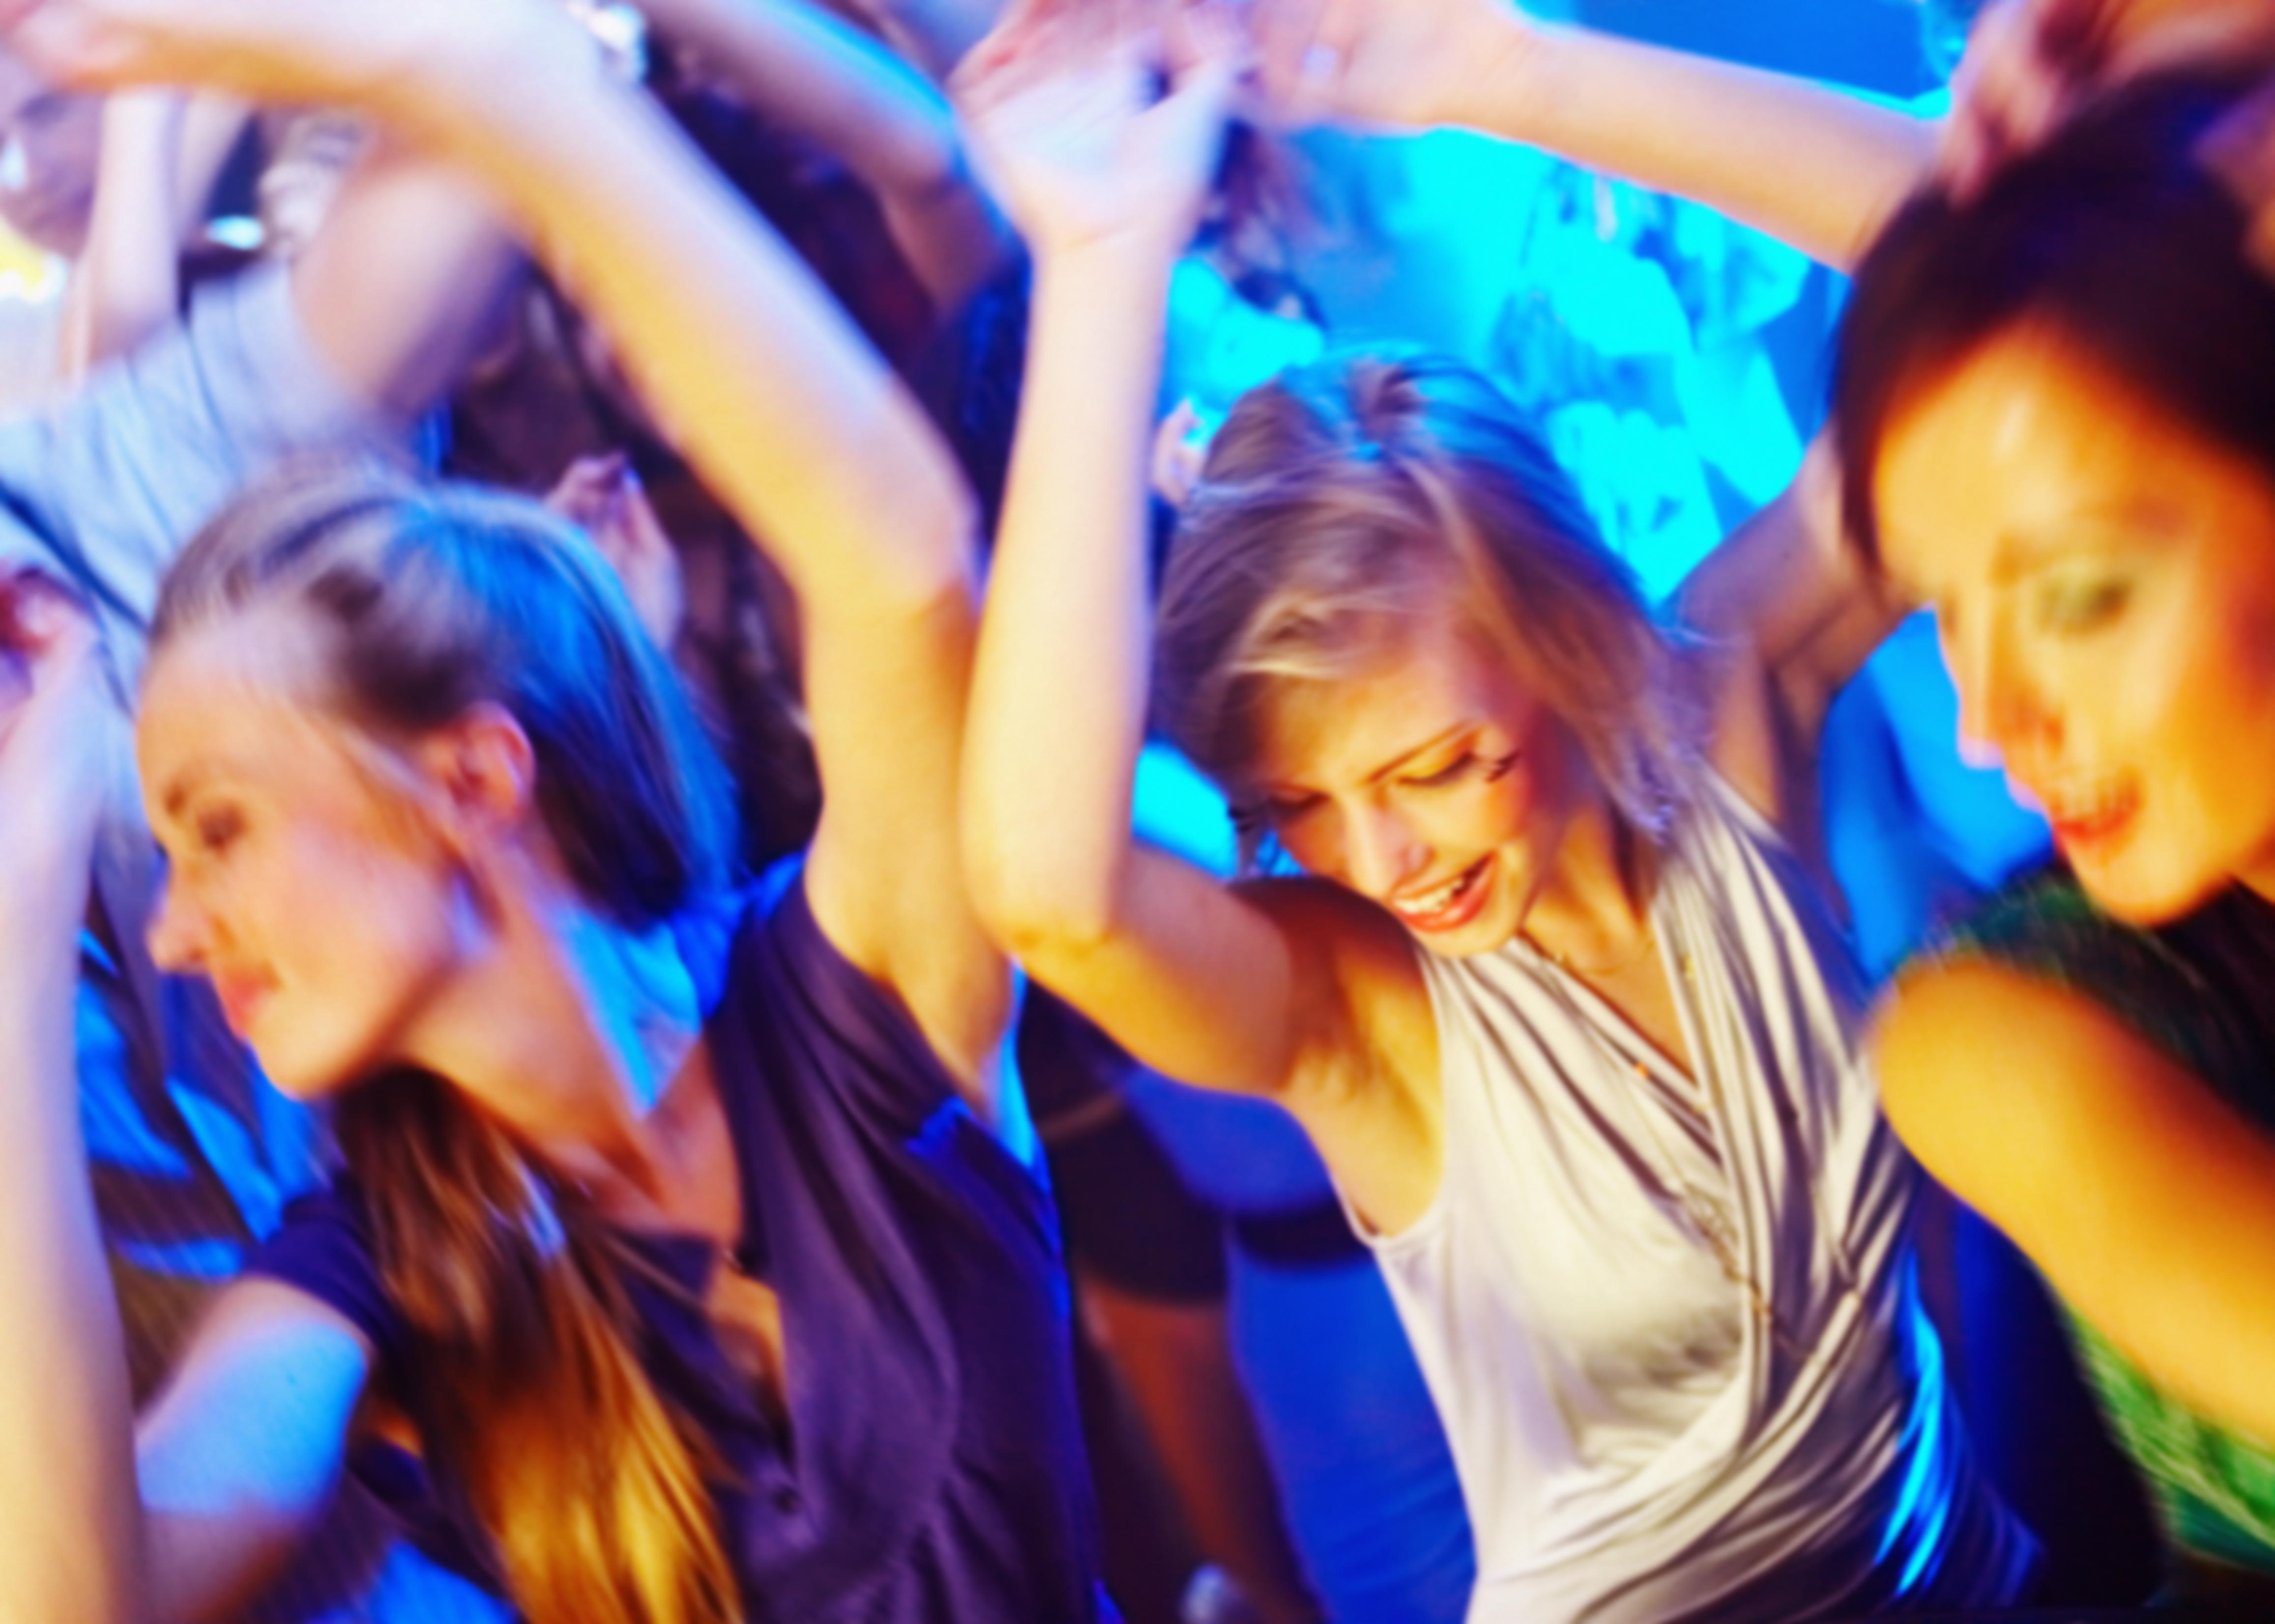 ダンスをしている若い女性たち